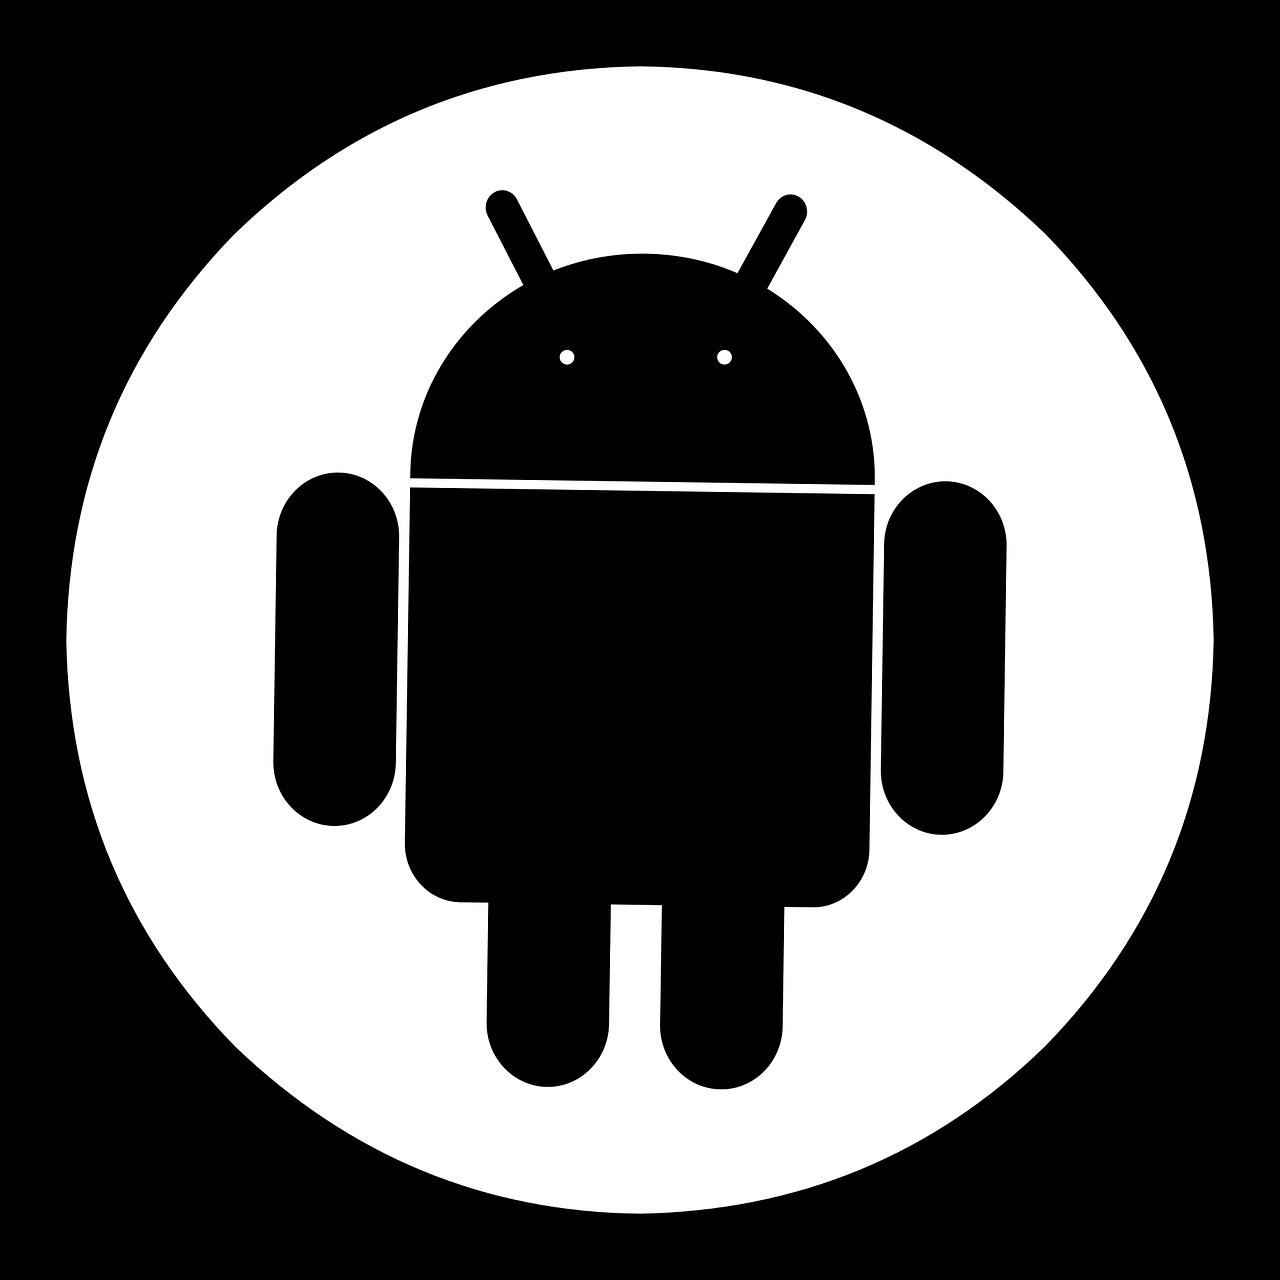 Android Systemu Ikona - Darmowa grafika wektorowa na Pixabay